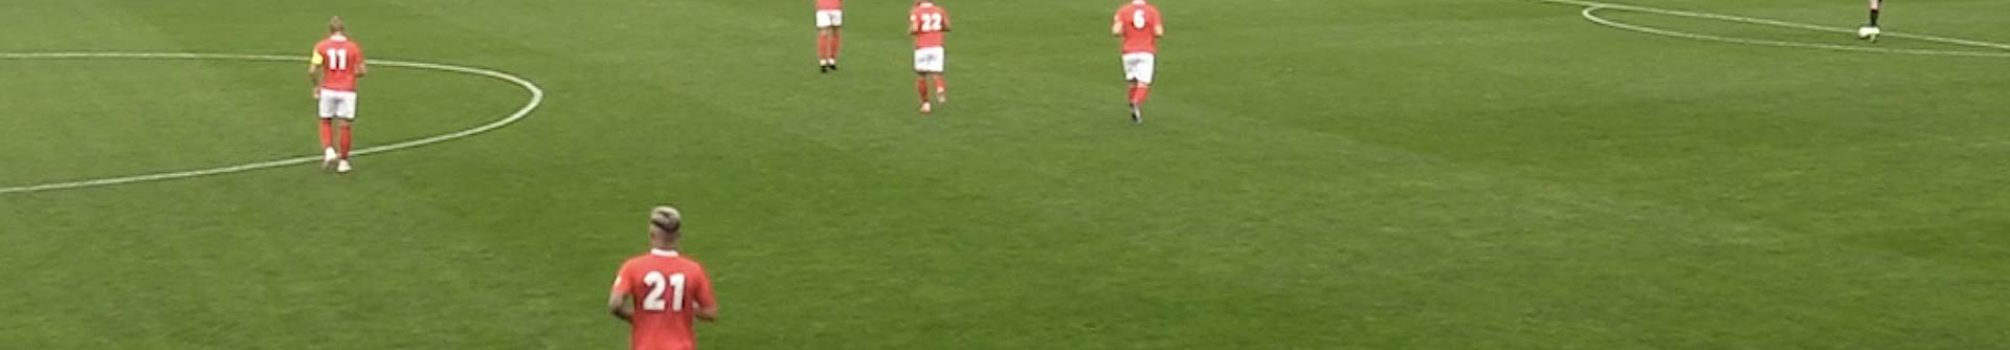 stadium-team